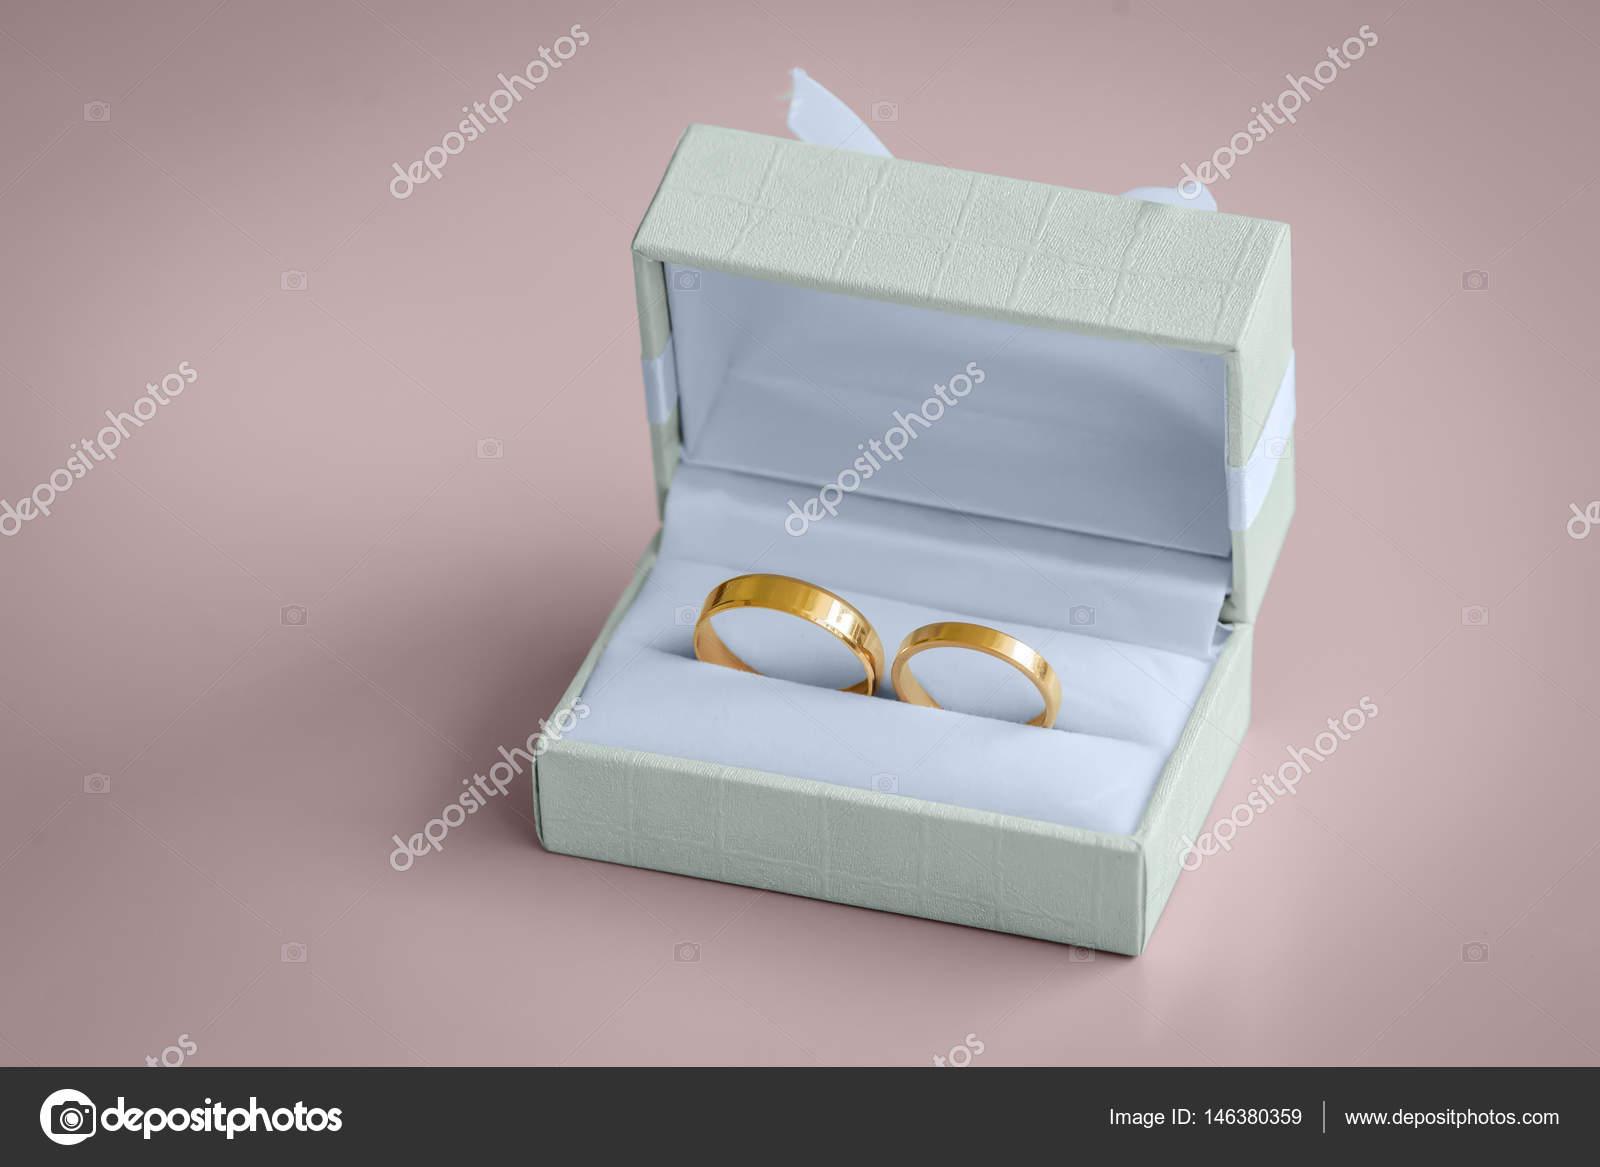 Krasne Zlate Snubni Prsteny Vintage Boxu Stock Fotografie C Stahov